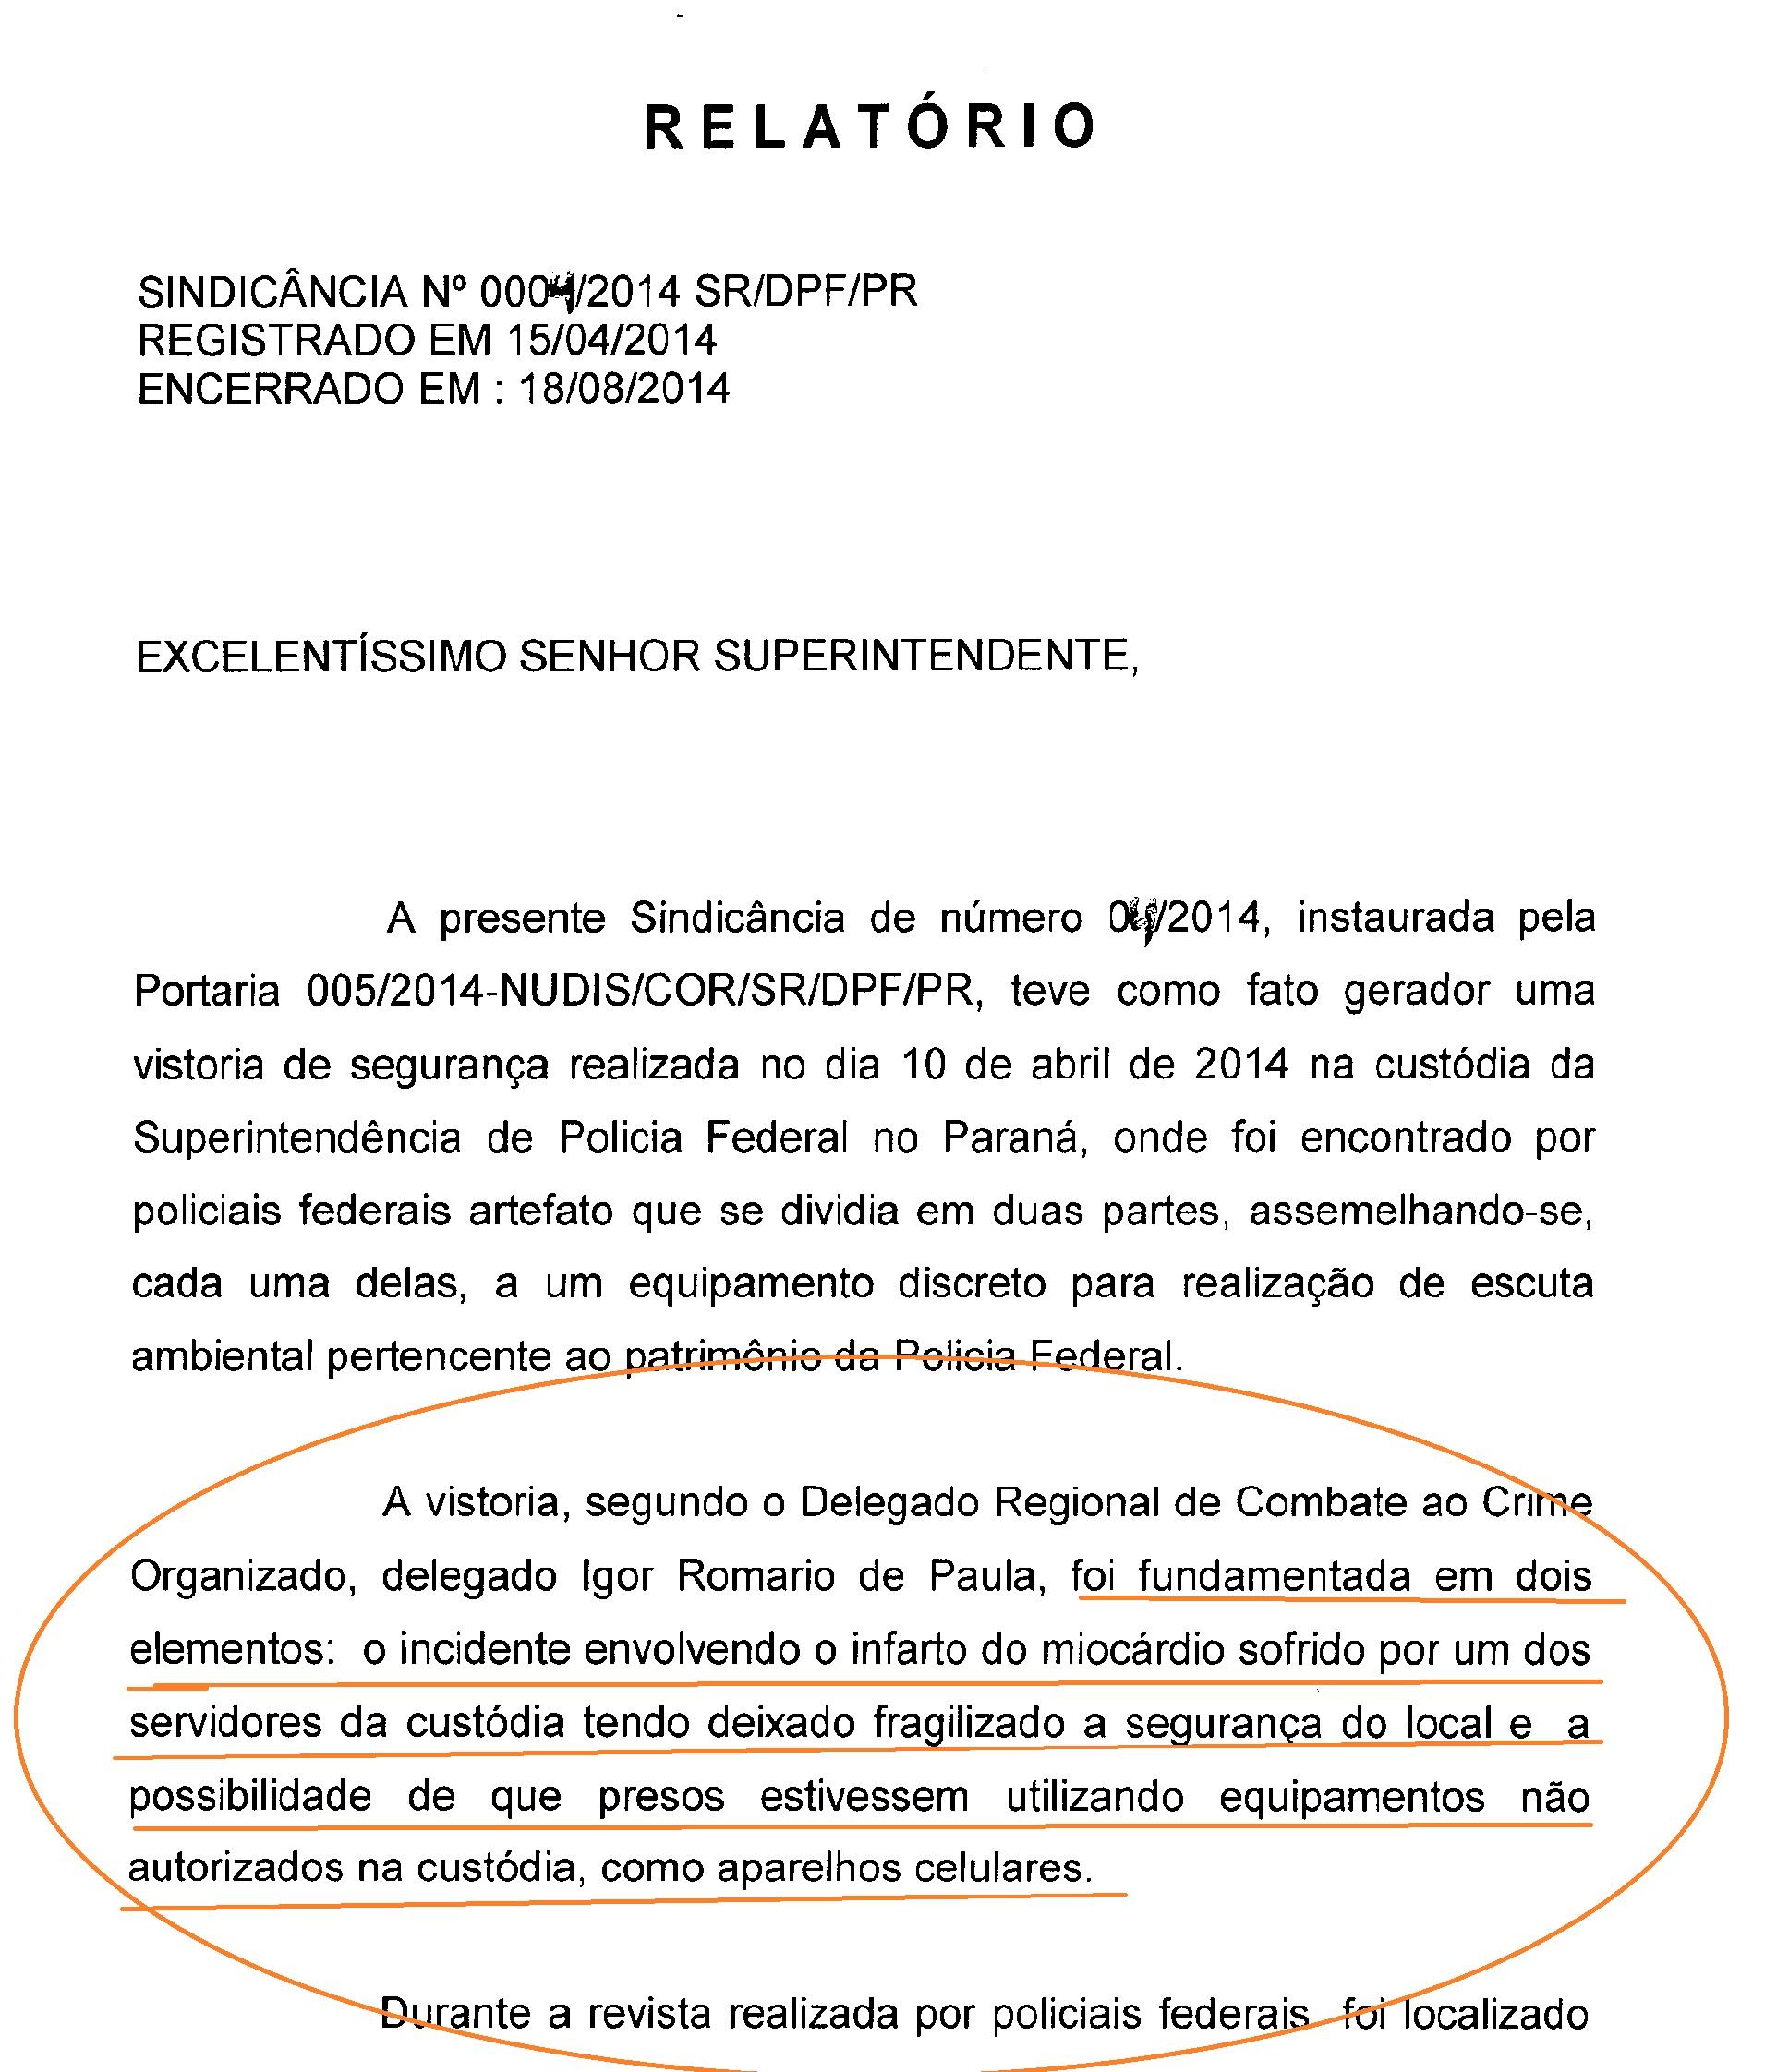 Exemplo de relatorio administrativo